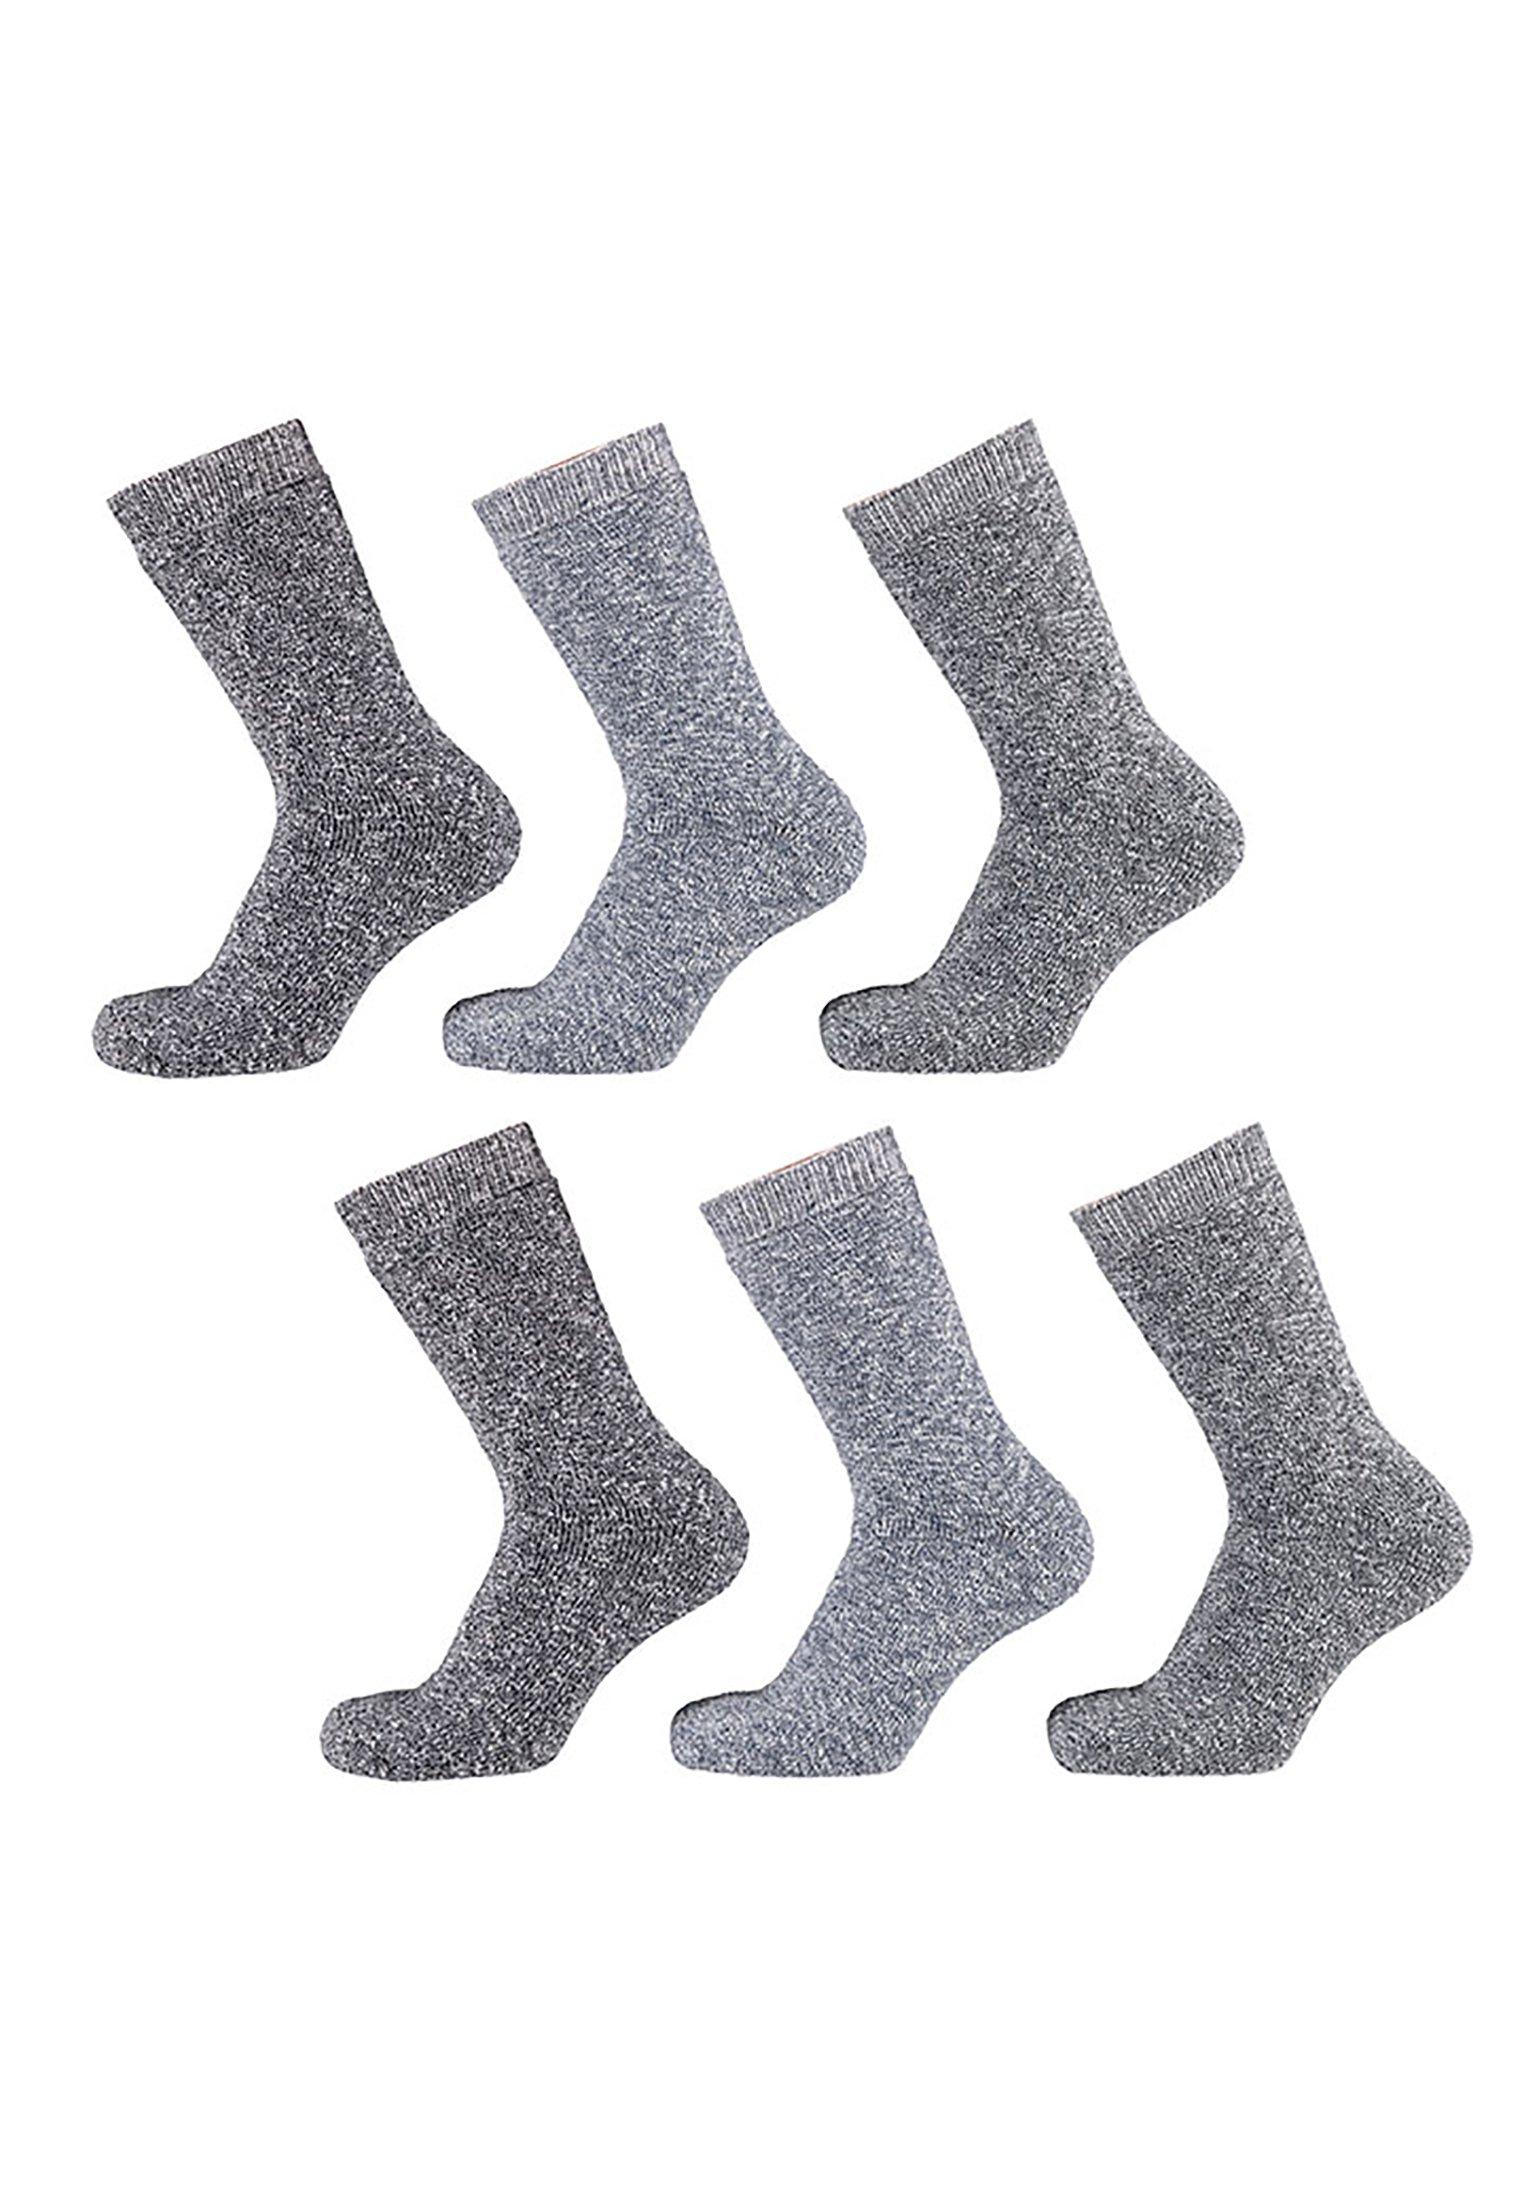 Herren 6 pack - Socken